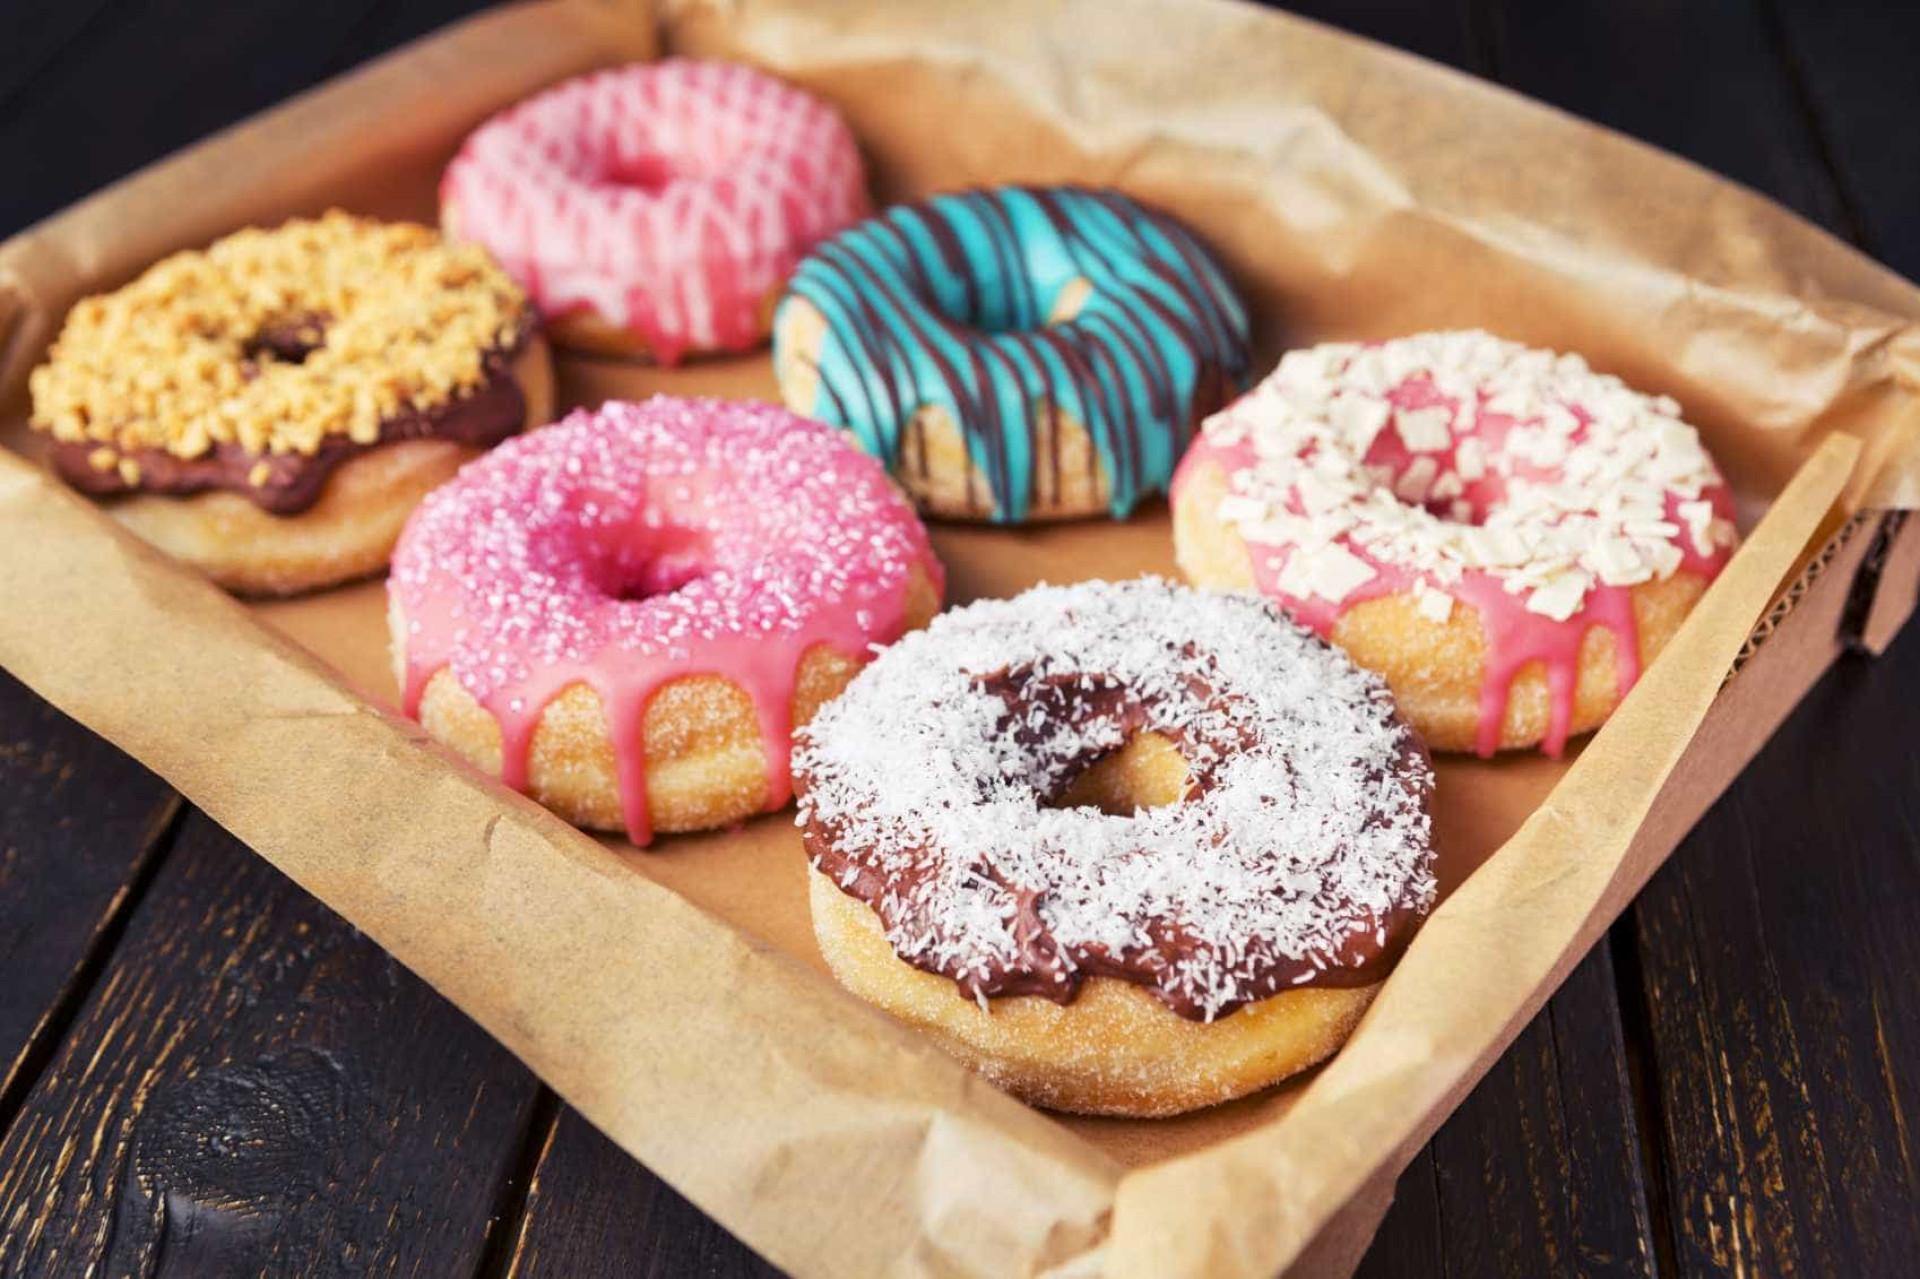 Se está de mau humor, não coma estes alimentos